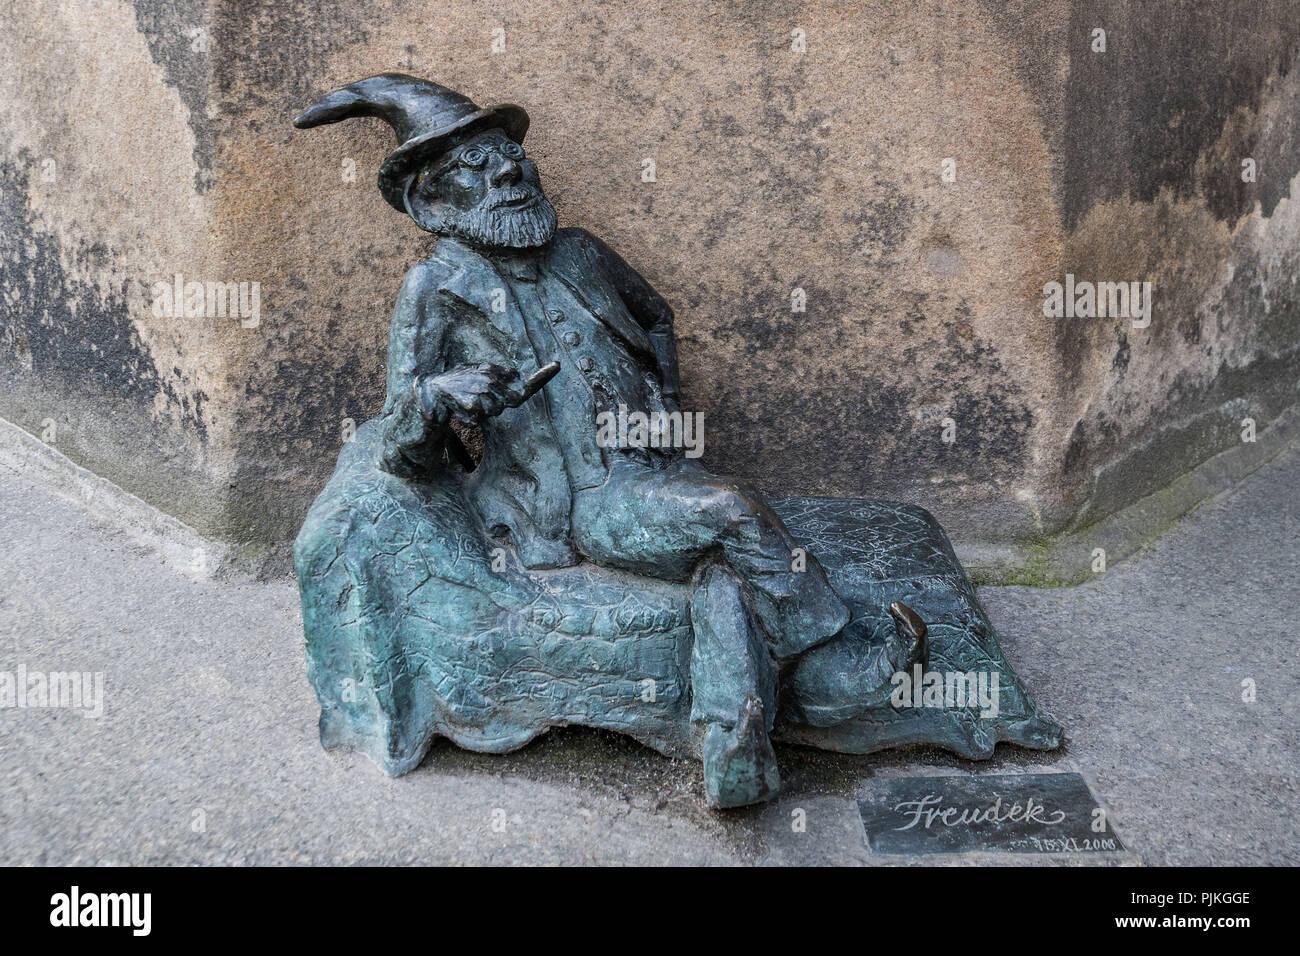 Poland, Wroclaw, Wroclaw's dwarfs, former symbol of resistance, Sigmund Freud - Stock Image